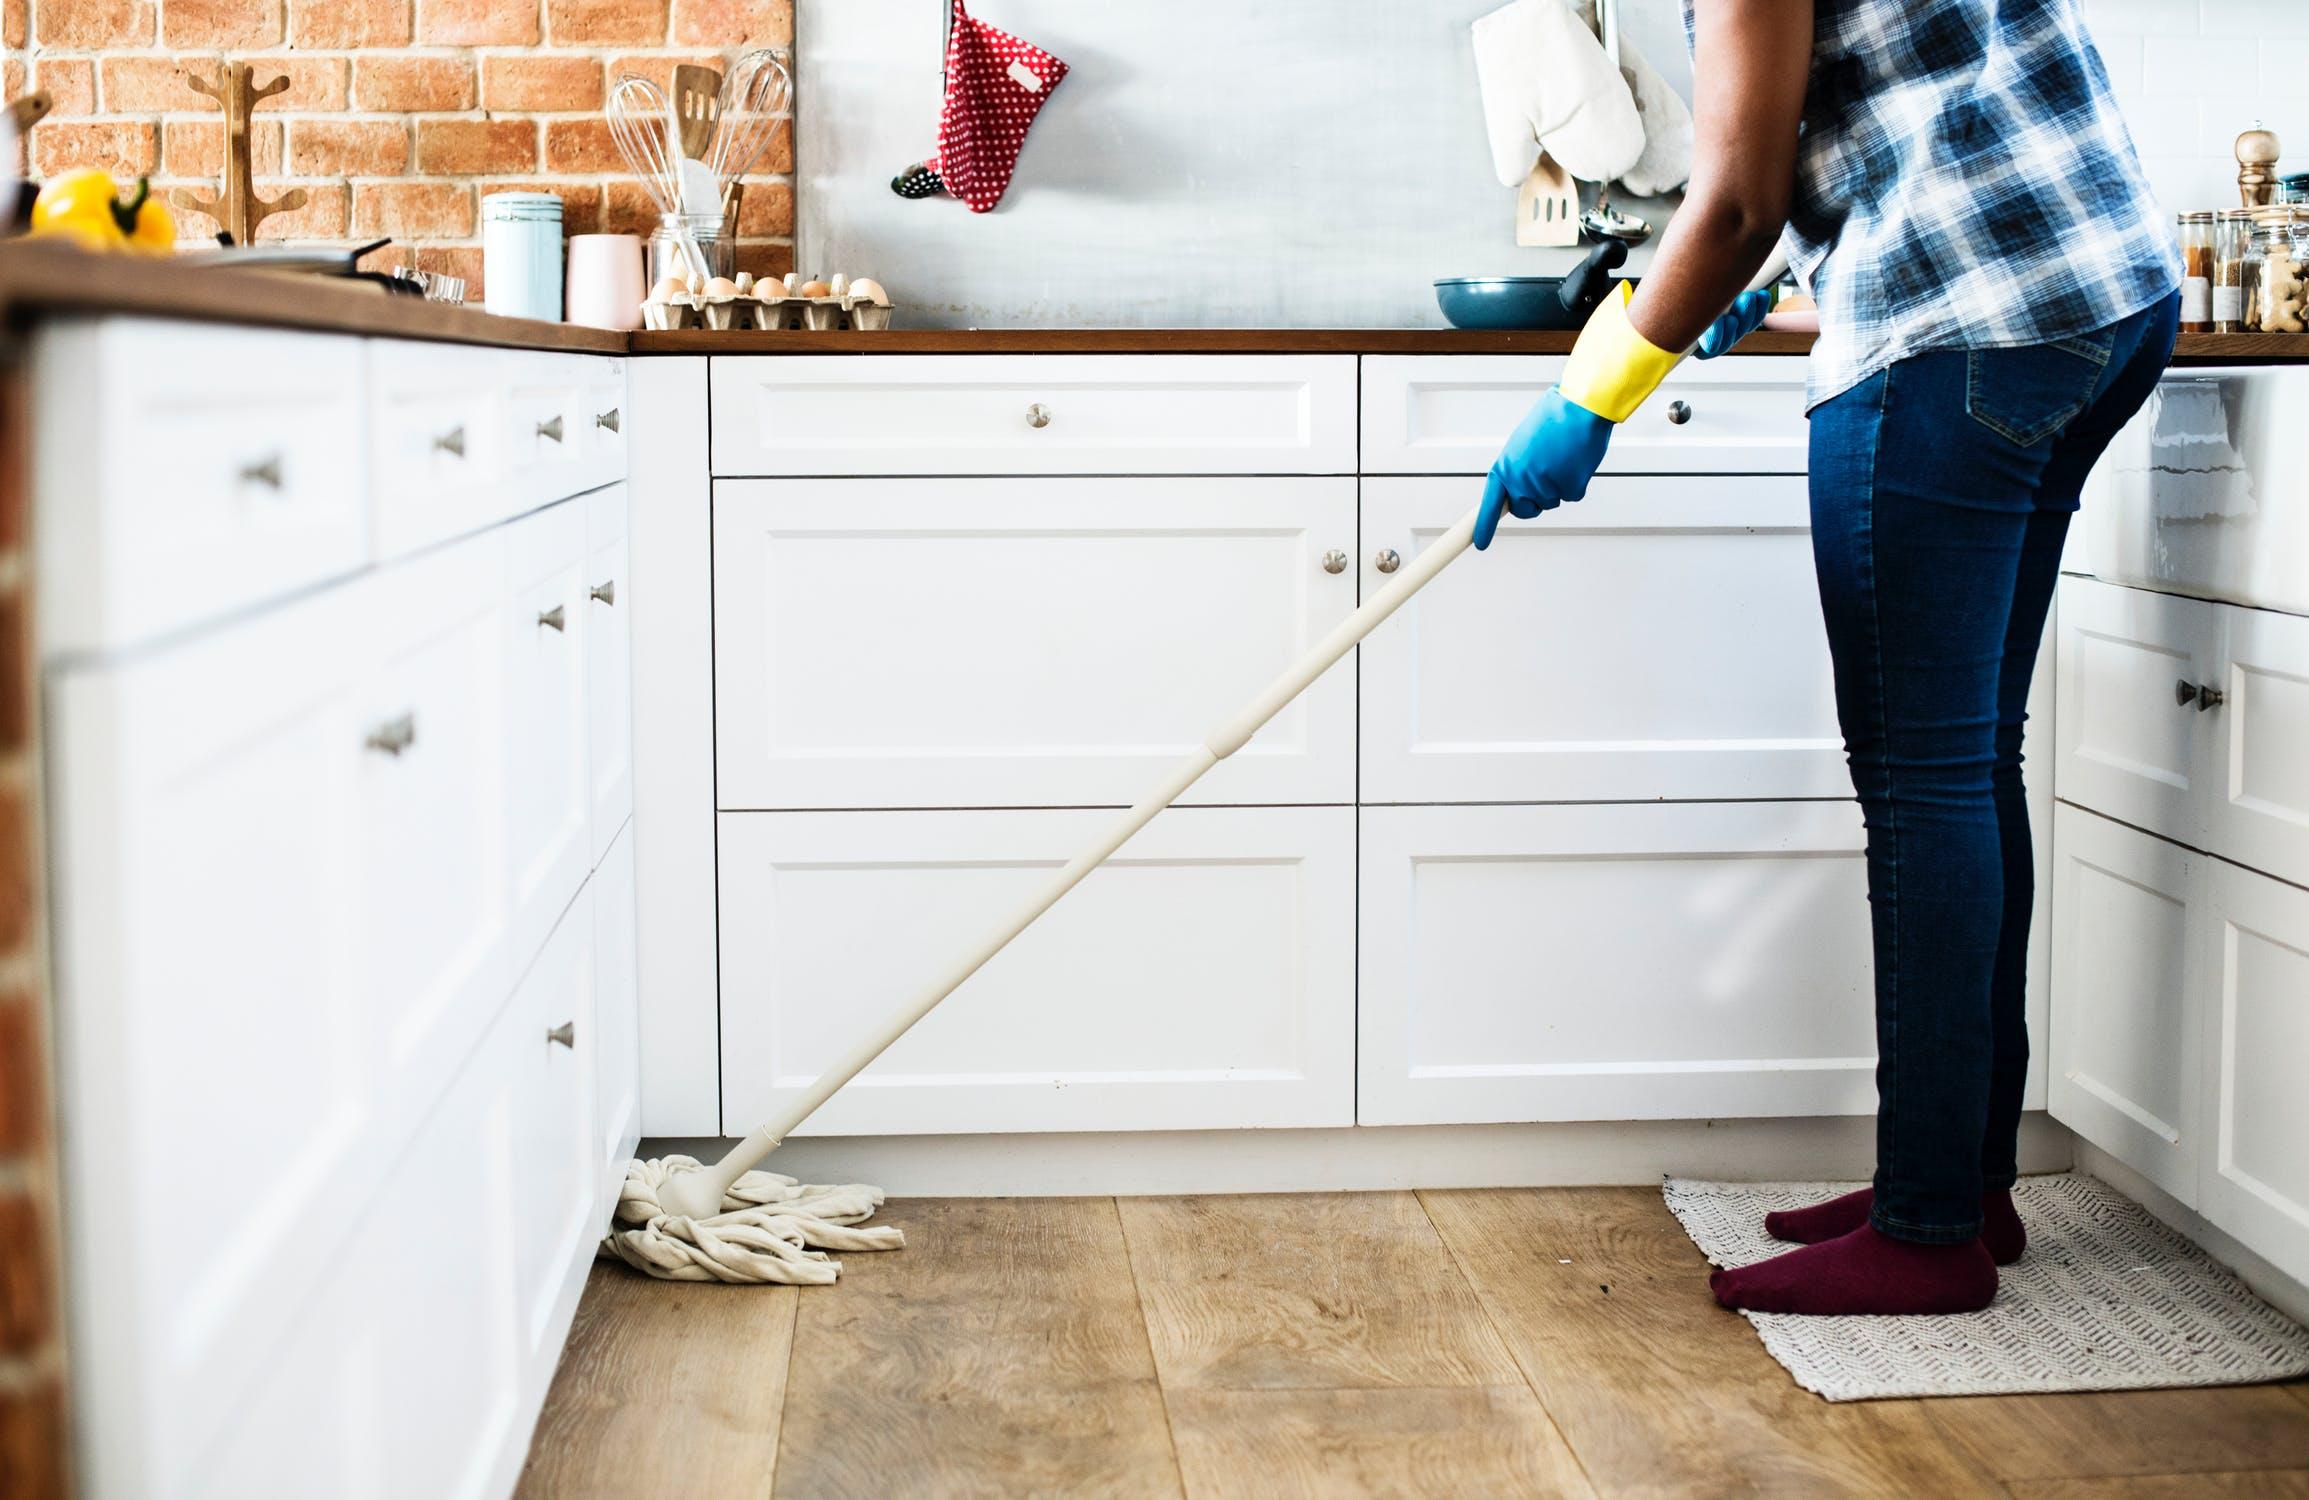 Giochi Pulire Le Stanze pulire casa in 15 minuti? si può | papà imperfetto